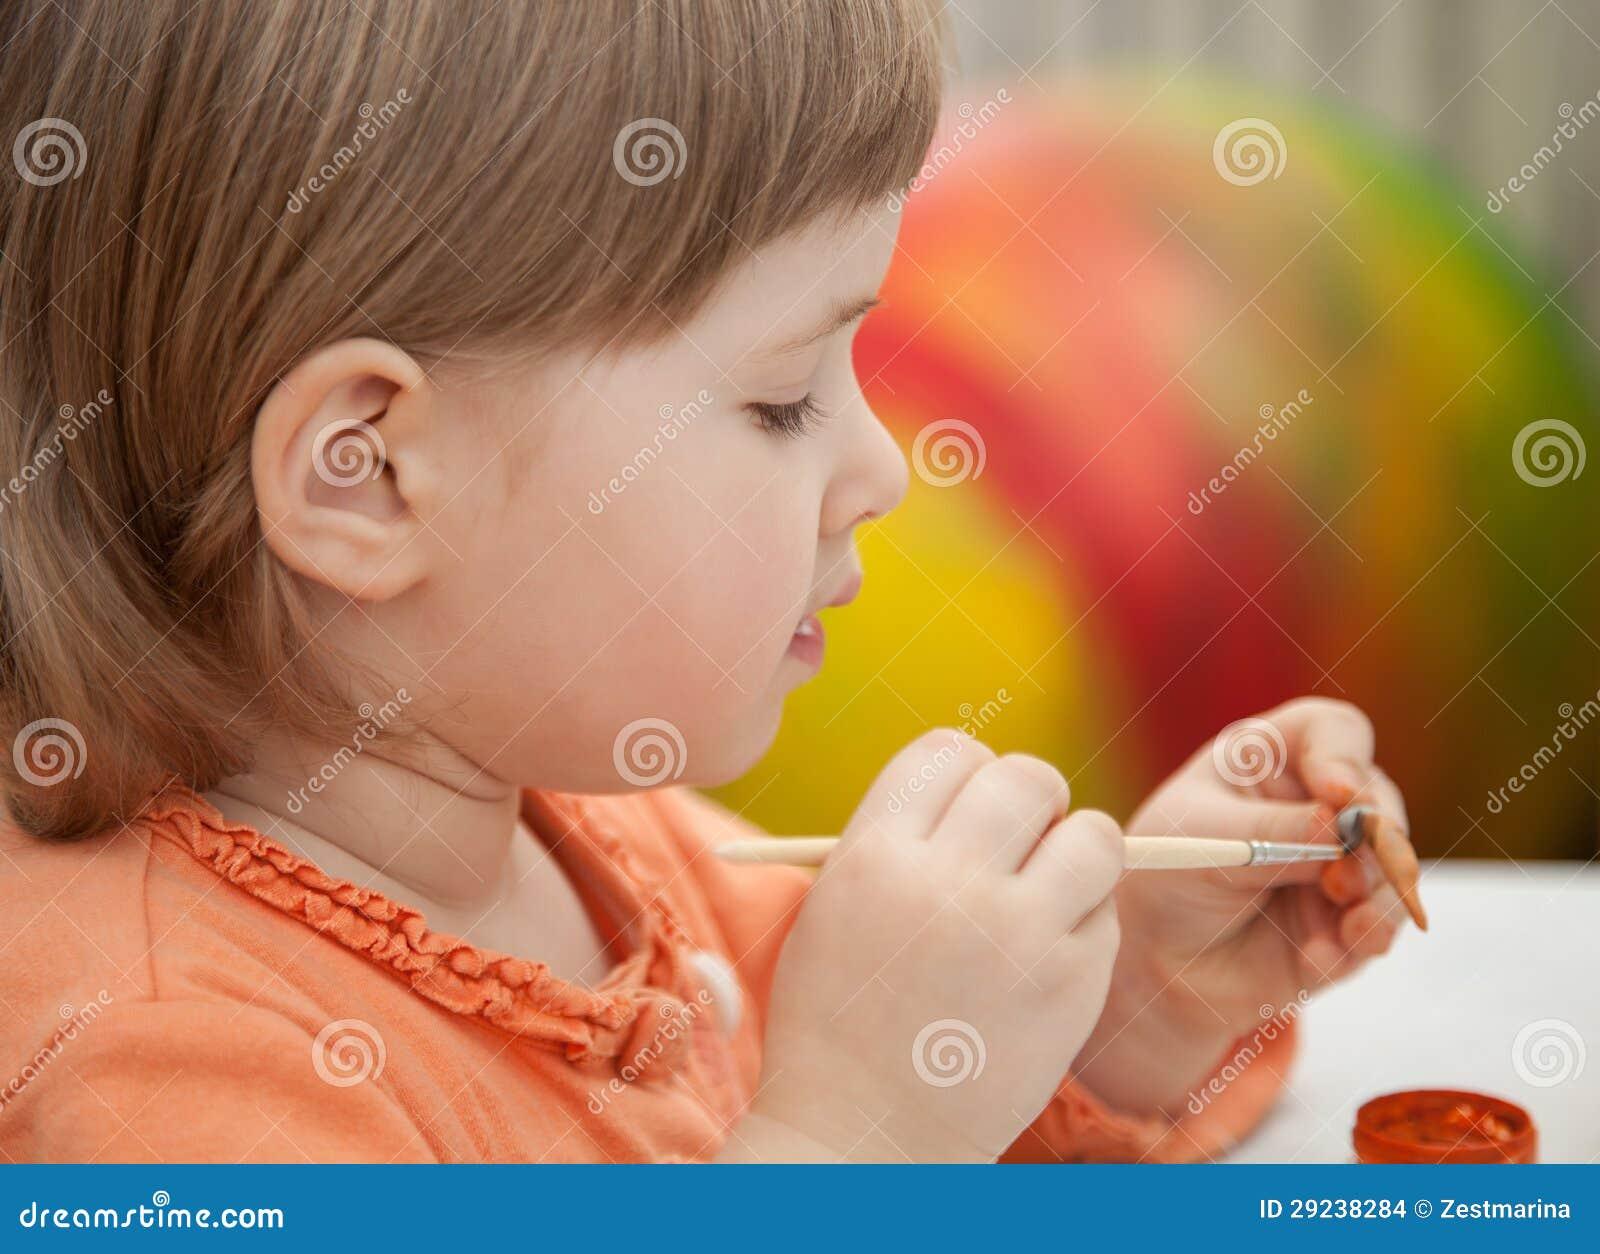 Download Desenho da menina foto de stock. Imagem de escova, argila - 29238284